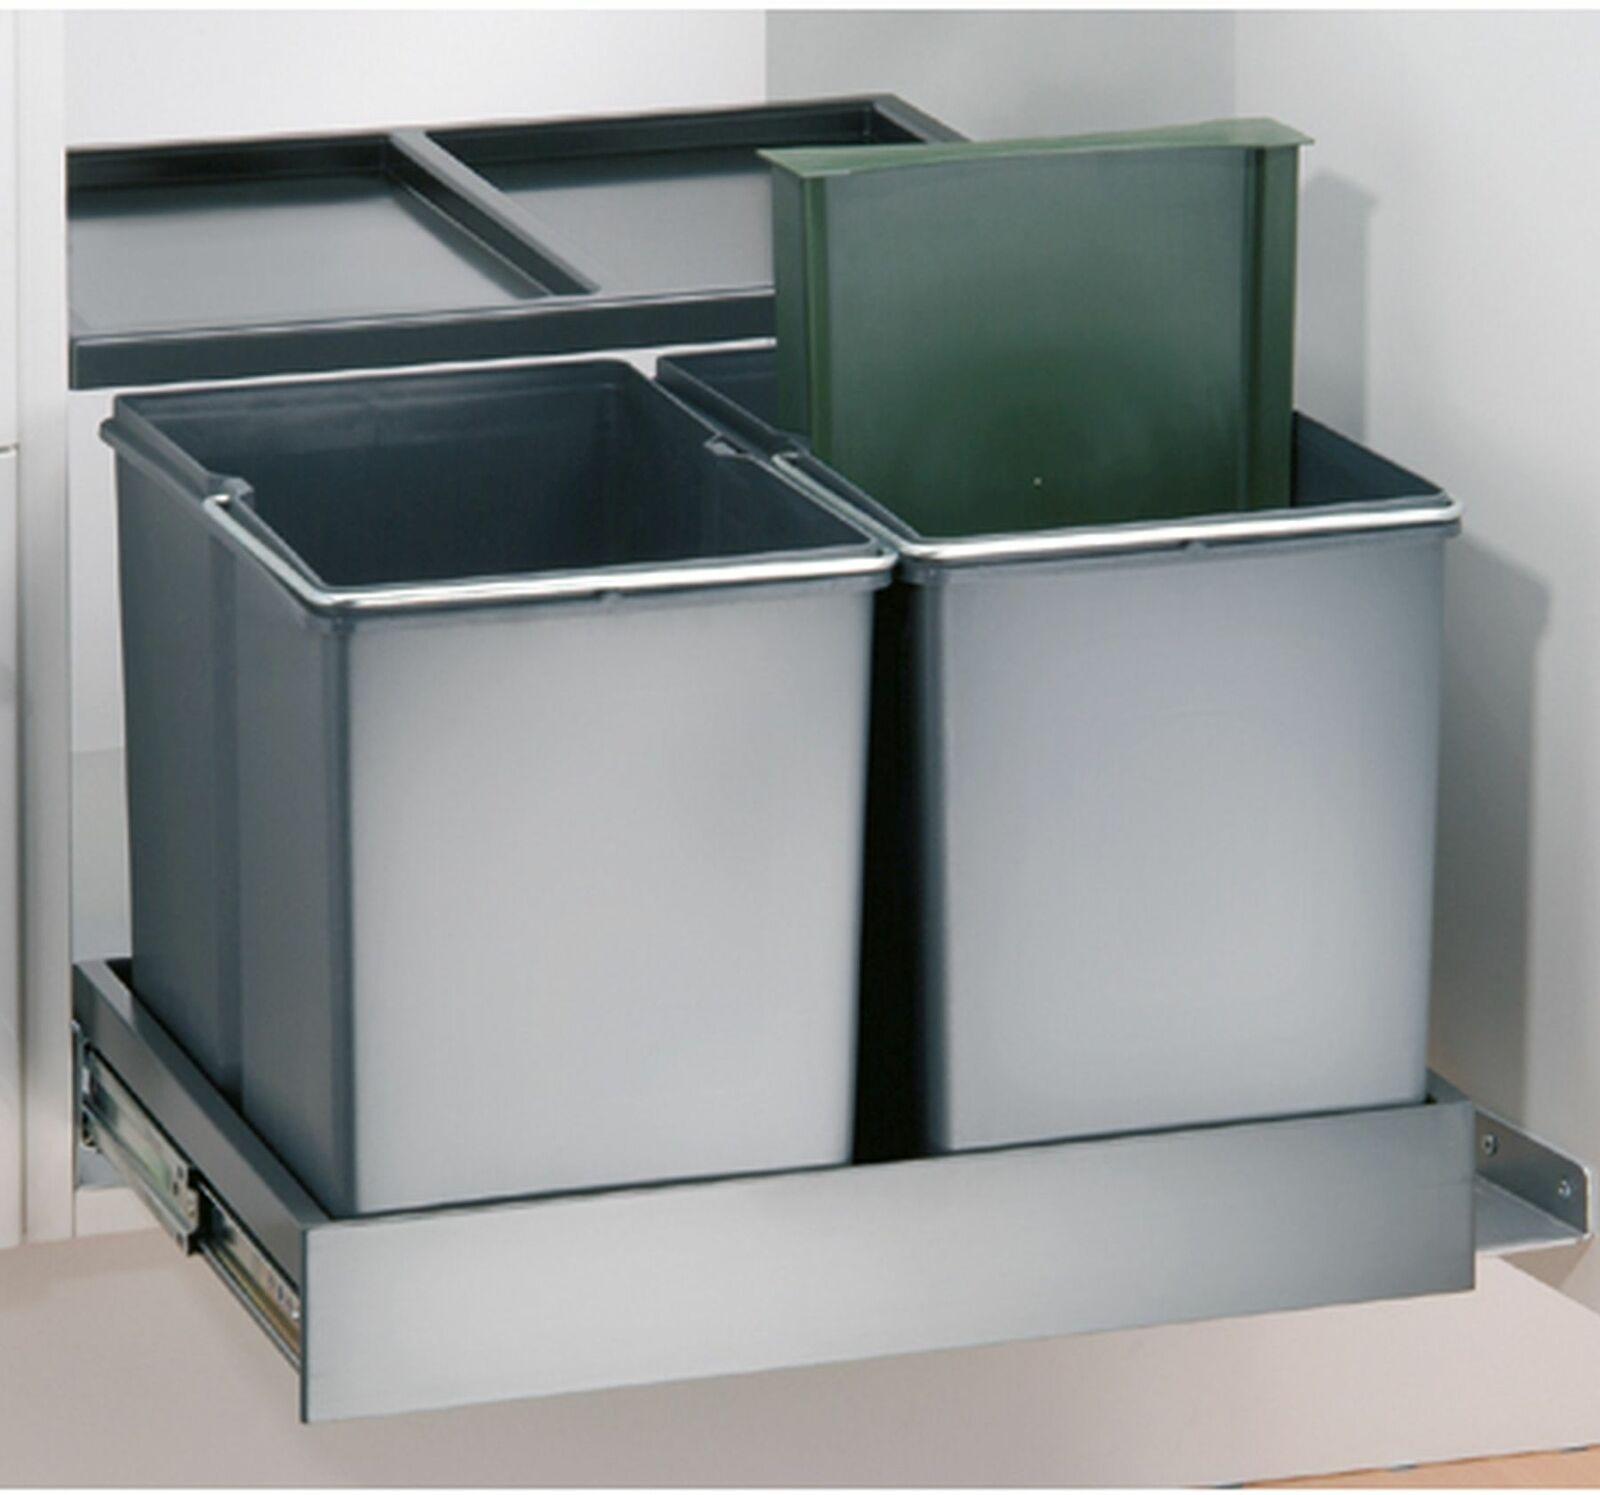 Full Size of Einbau Mülleimer Einbauküche Kaufen Obi Bodengleiche Dusche Nachträglich Einbauen Küche Neue Fenster Ohne Kühlschrank Mit E Geräten Günstig Doppel Wohnzimmer Einbau Mülleimer